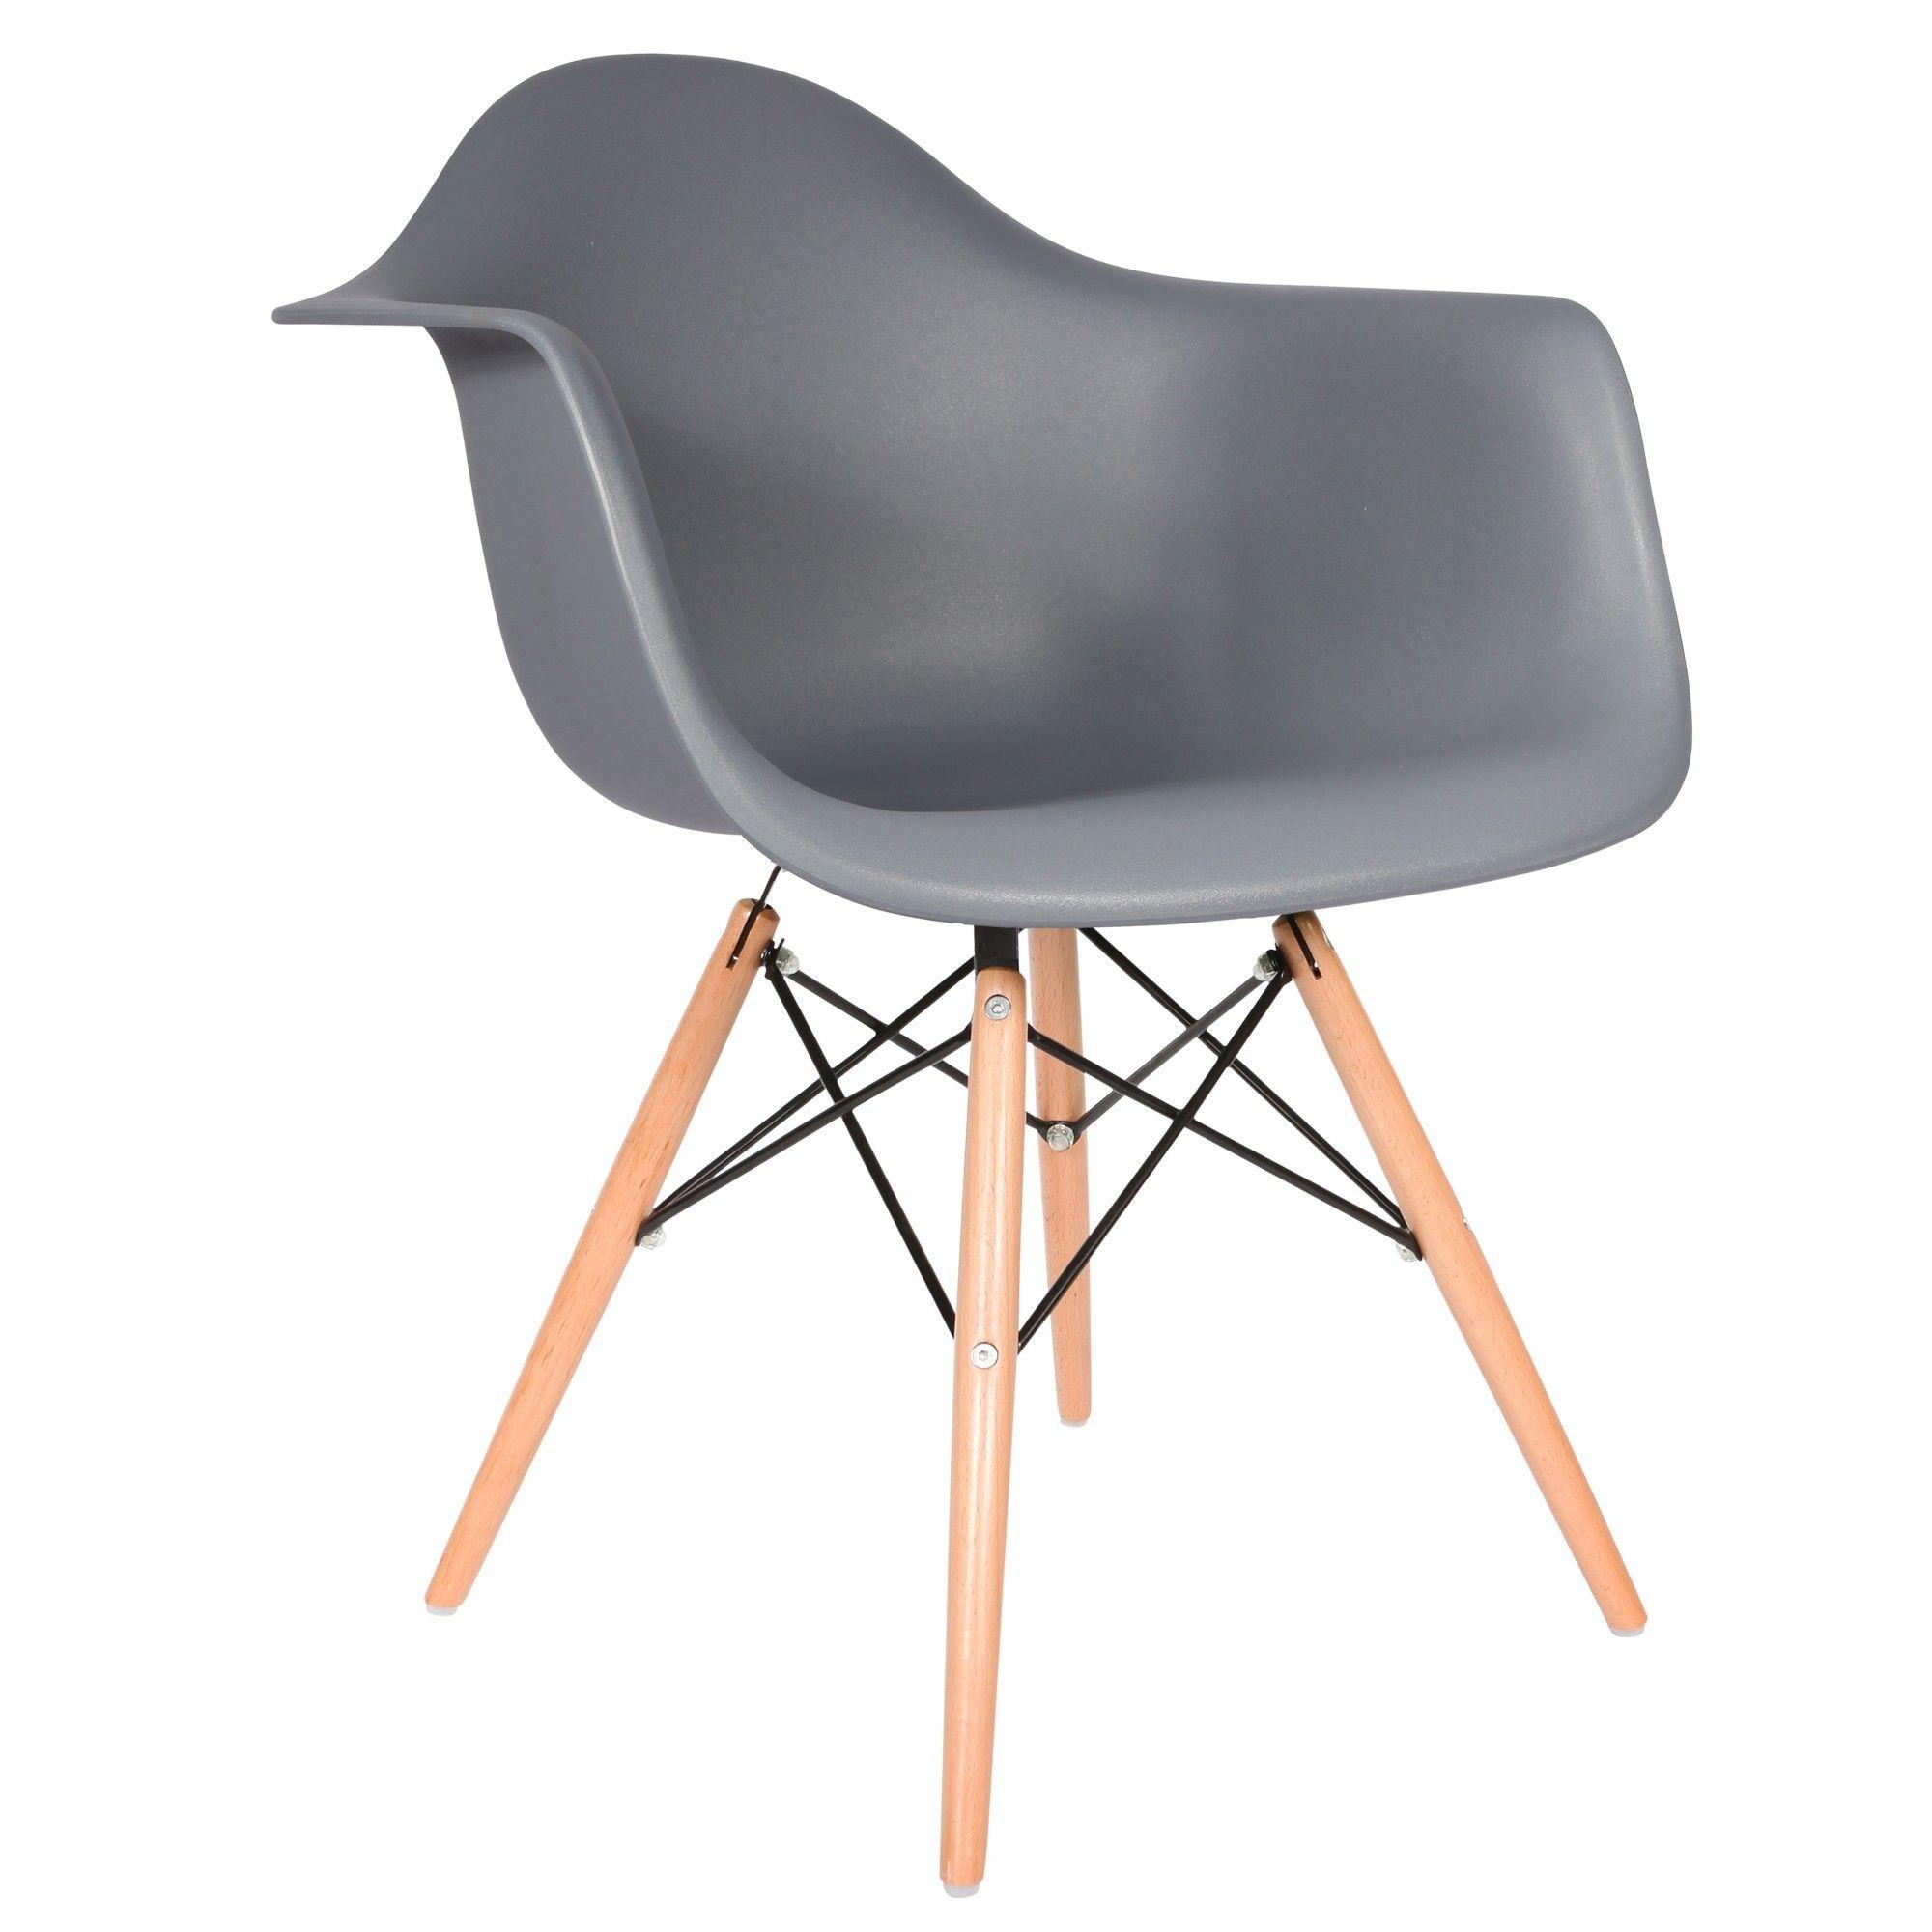 Fauteuil Design Daw Fauteuil Design Chaise Fauteuil Eames